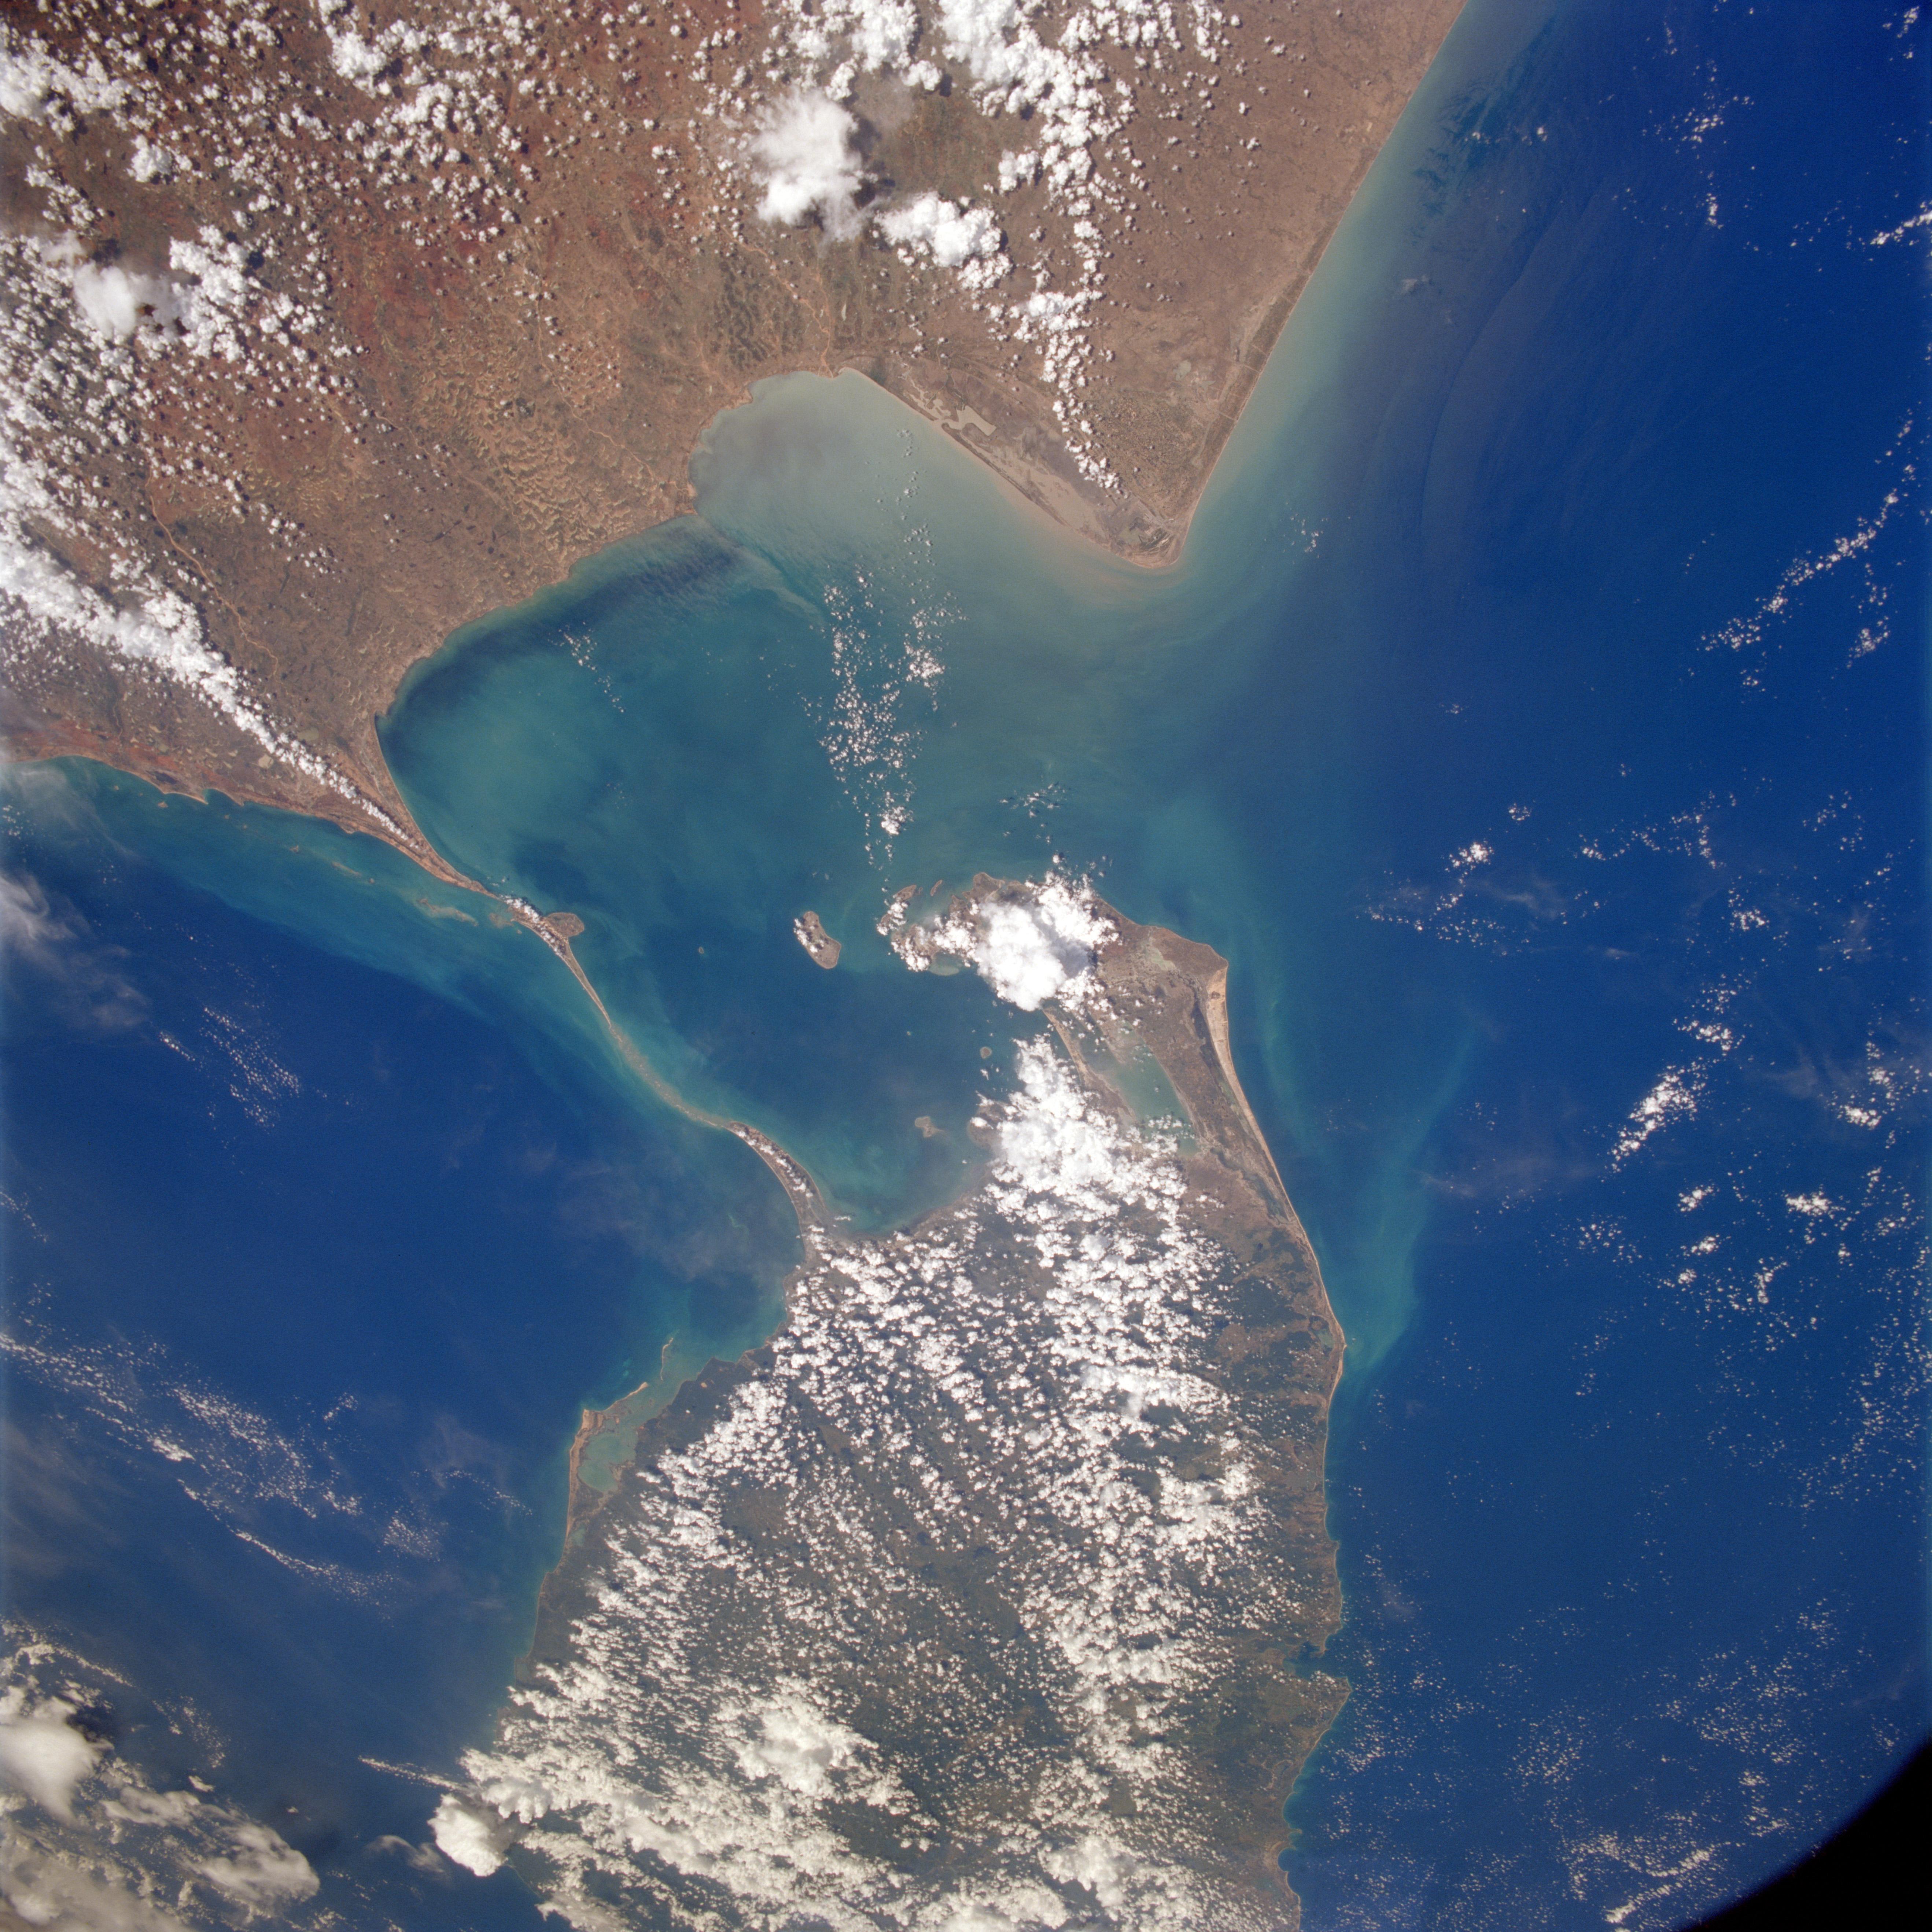 http://upload.wikimedia.org/wikipedia/commons/8/8d/AdamsBridge02-NASA.jpg